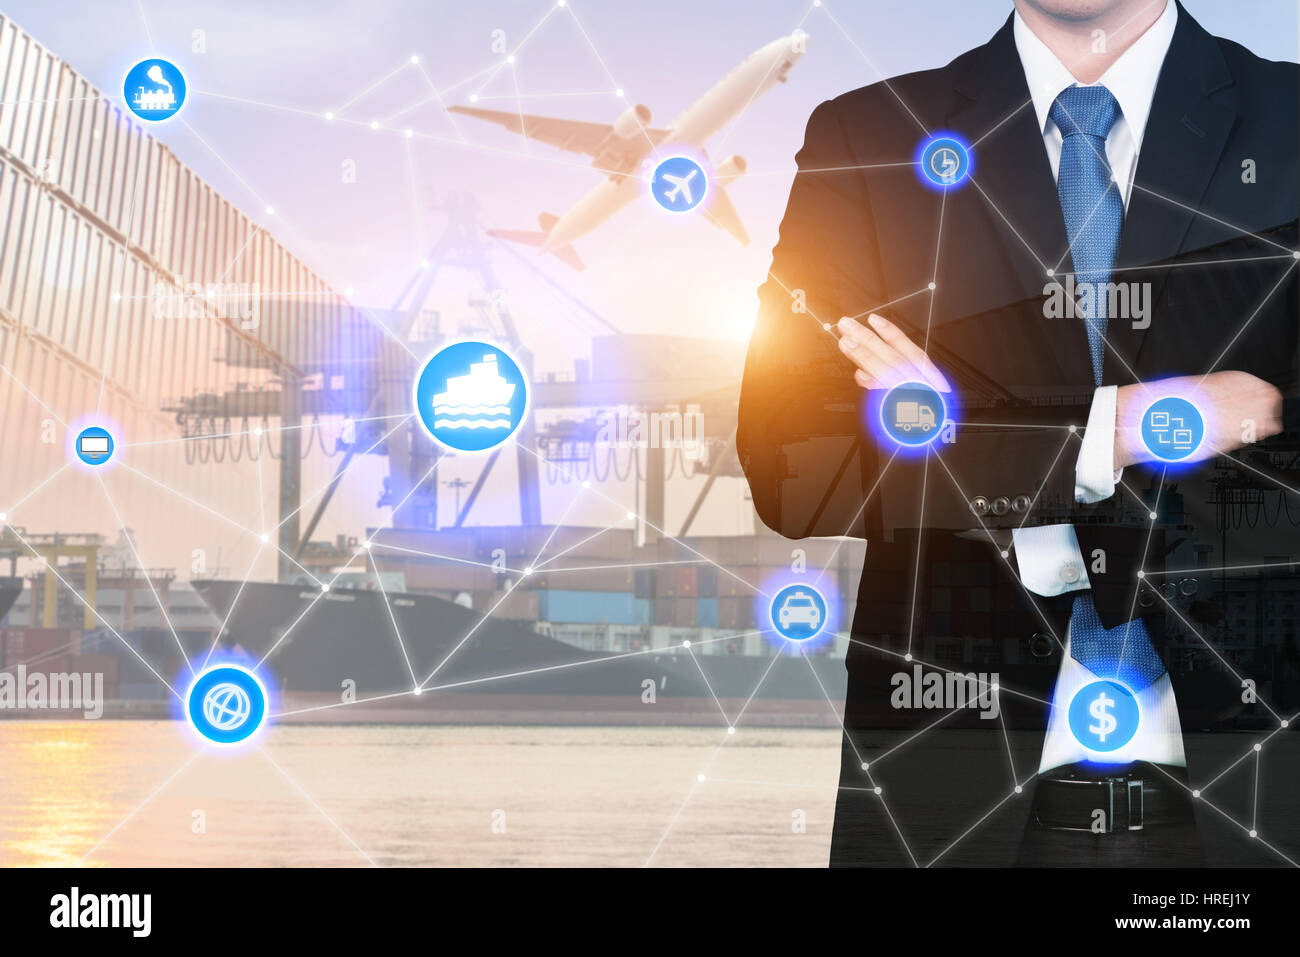 Doppelbelichtung Geschäftsmann stand mit seinen Armen gekreuzt mit globalen Unternehmen Logistik System Verbindung Stockbild